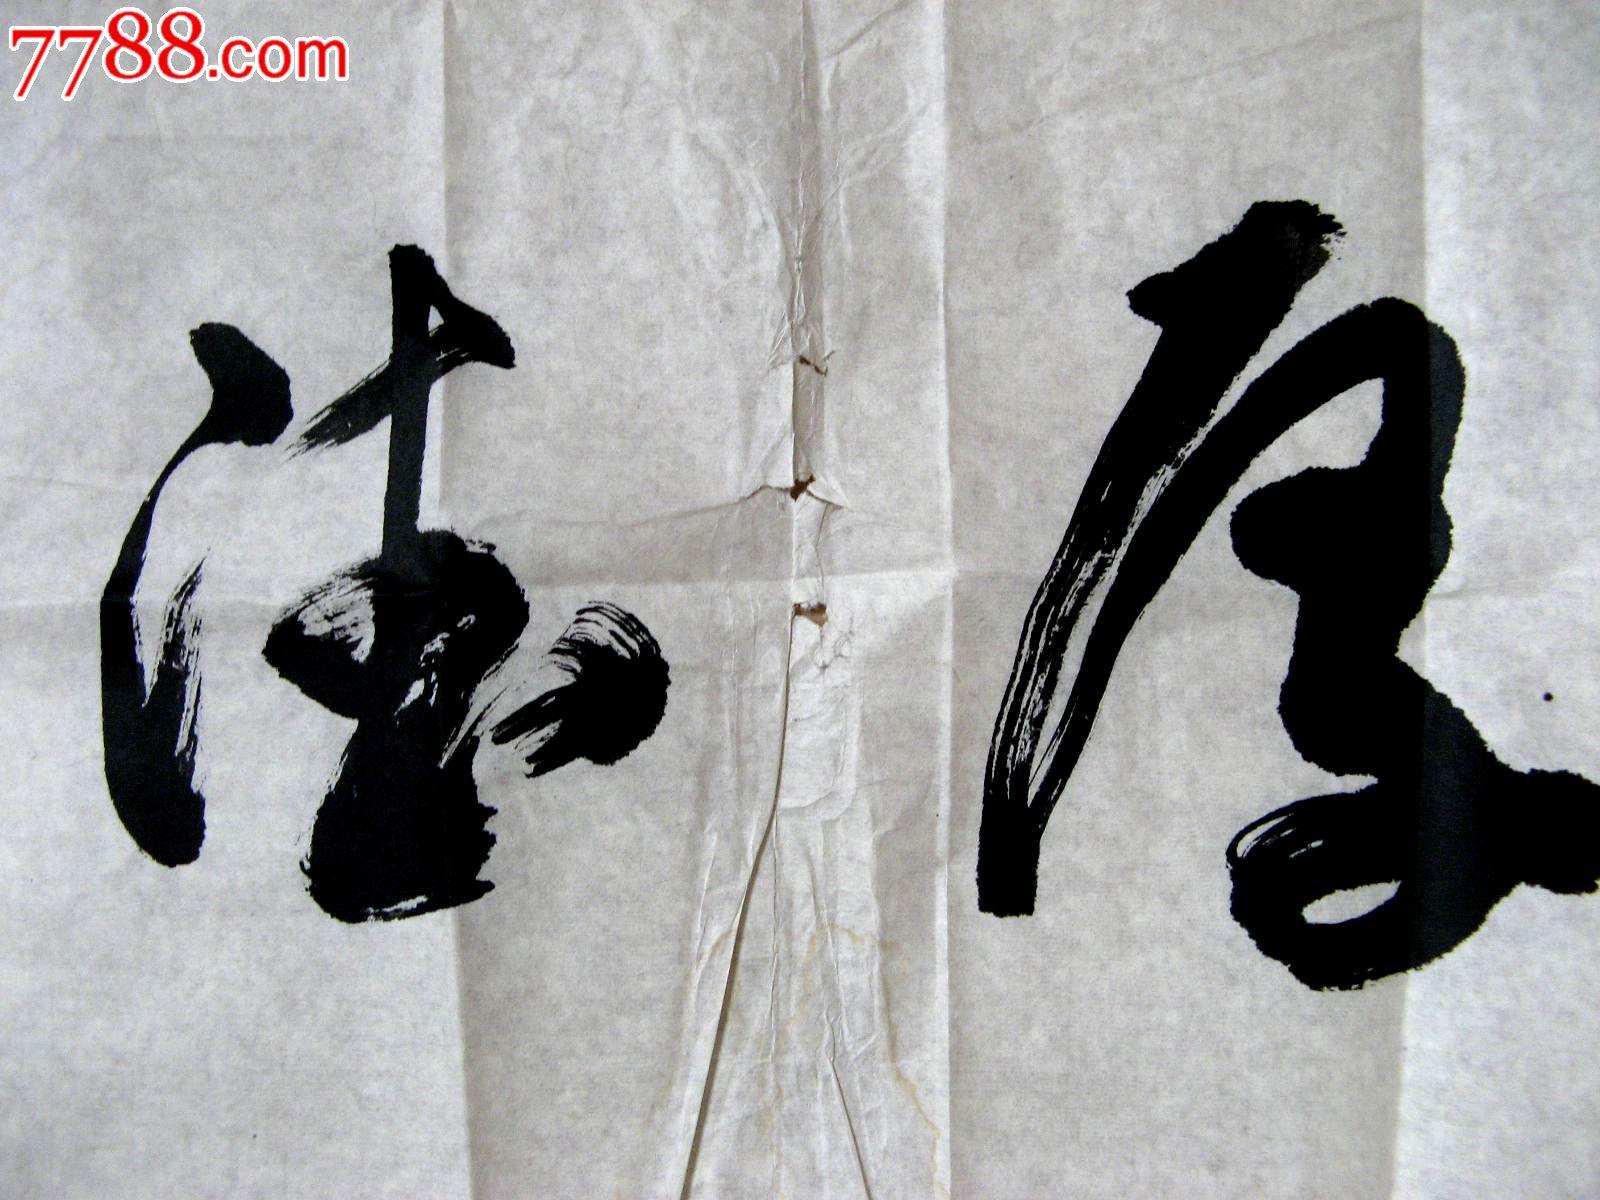 苍劲空76部作品66g_天津实力书家苍劲大气的小三尺横幅草书《厚德载物》